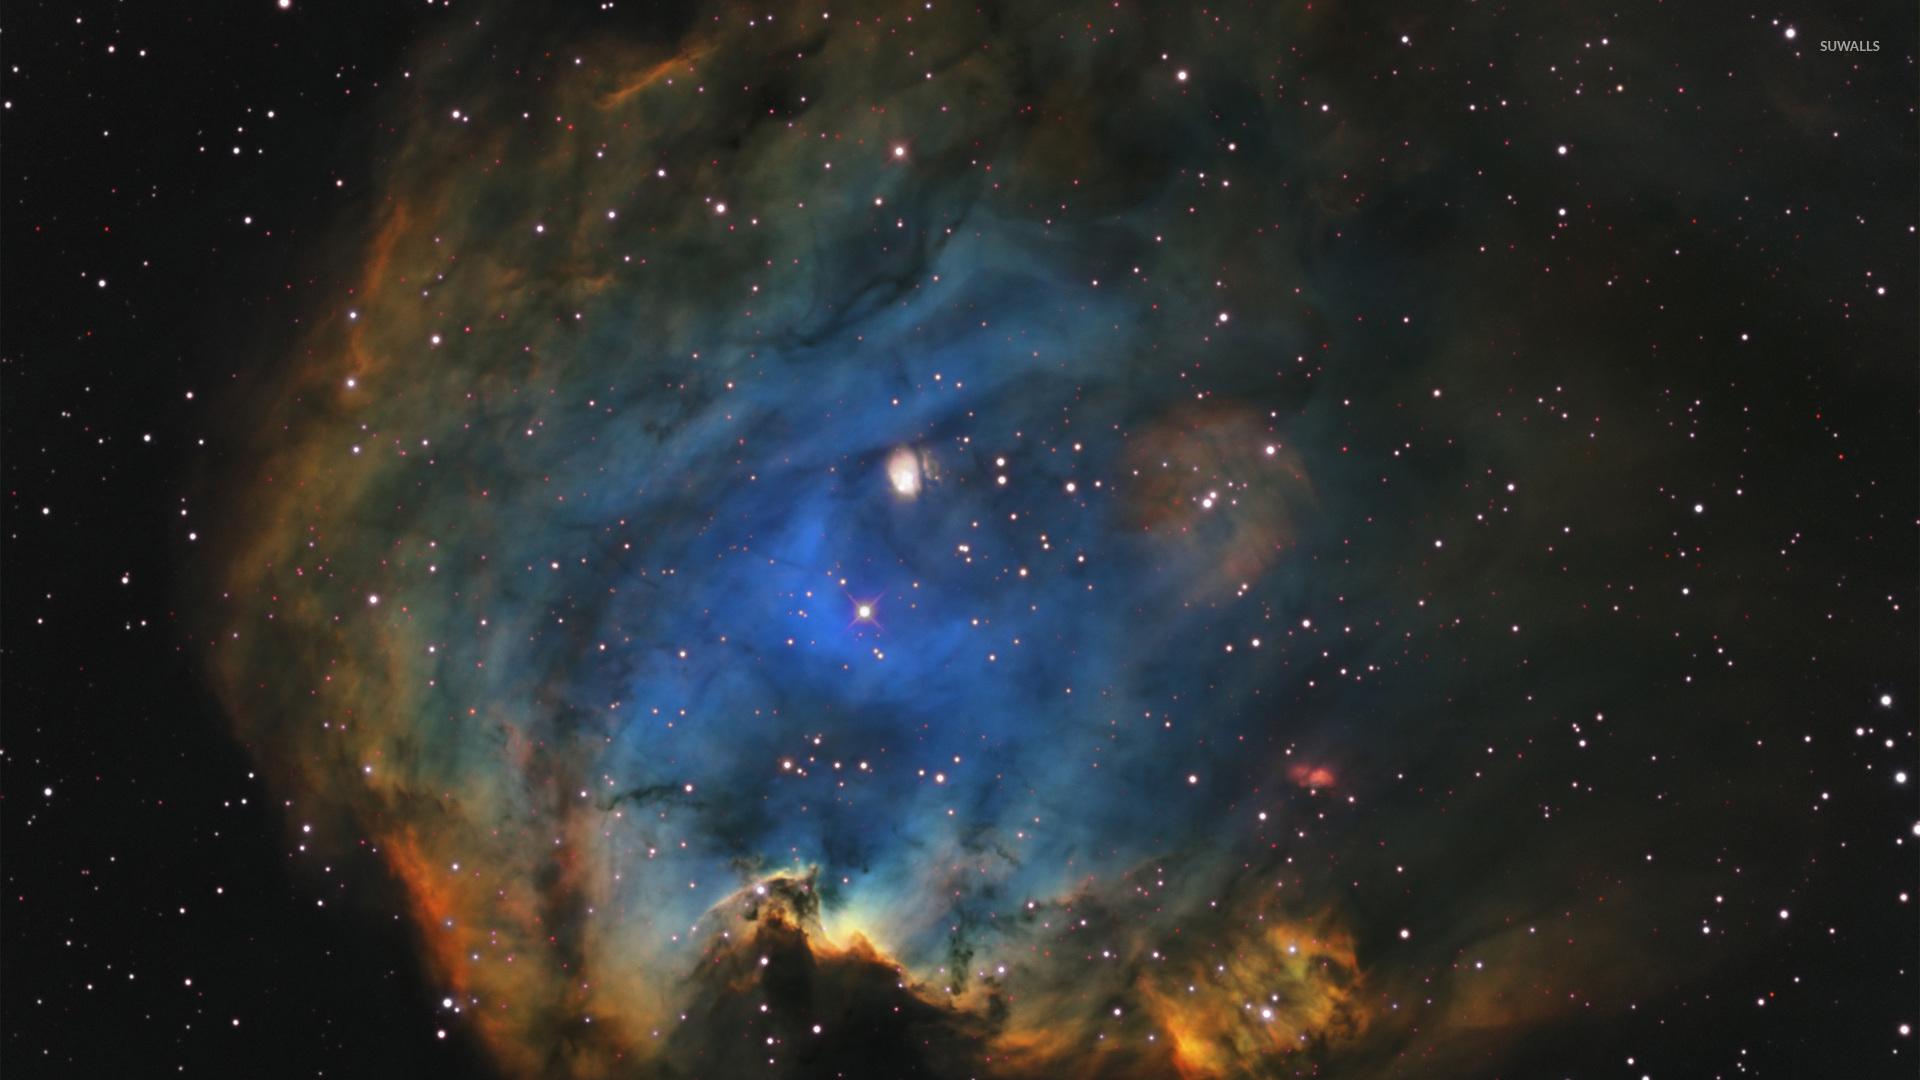 nebula 1920x1080 - photo #10